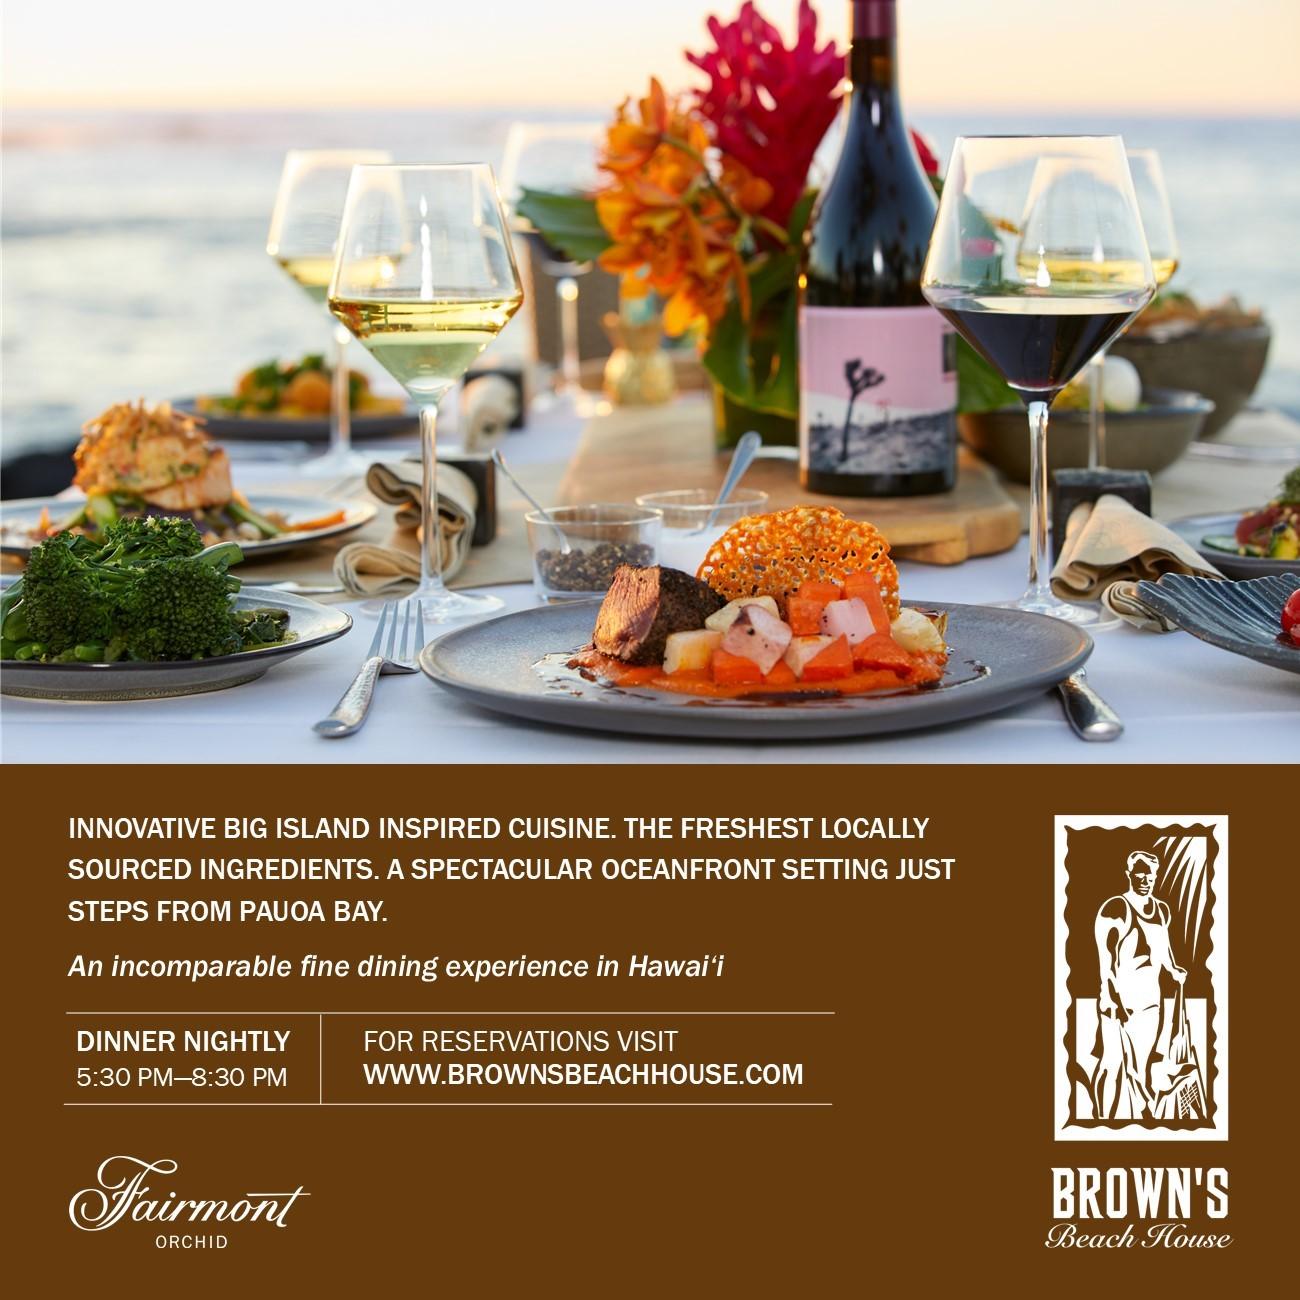 Fairmont-Orchid---Brown's-Beach-House-8.17.21.jpg